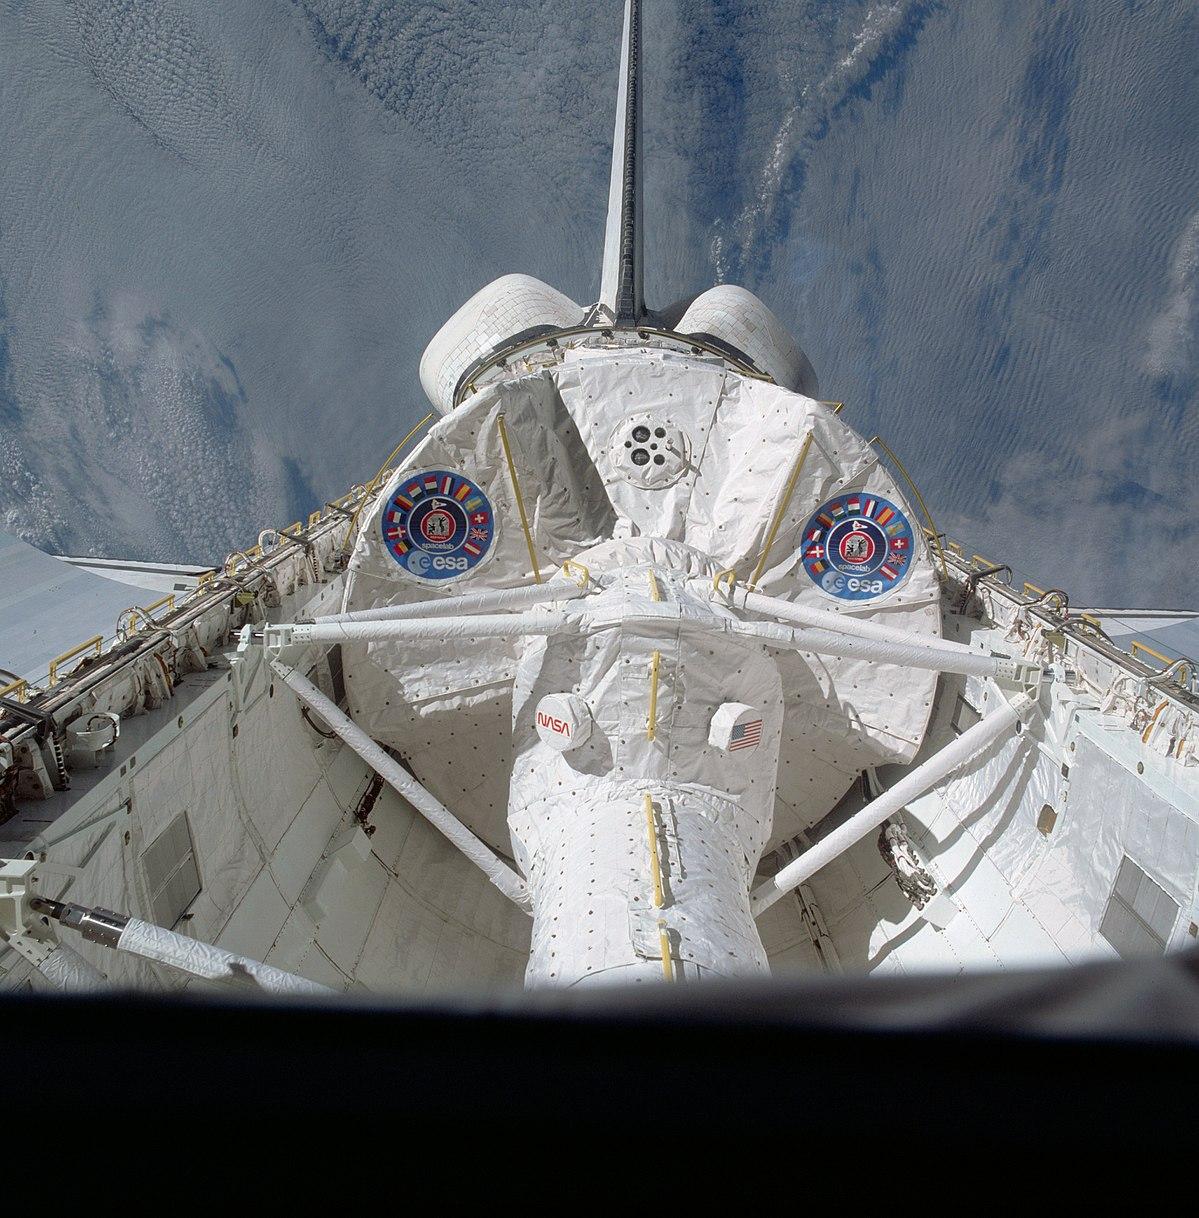 space shuttle longest mission - photo #36